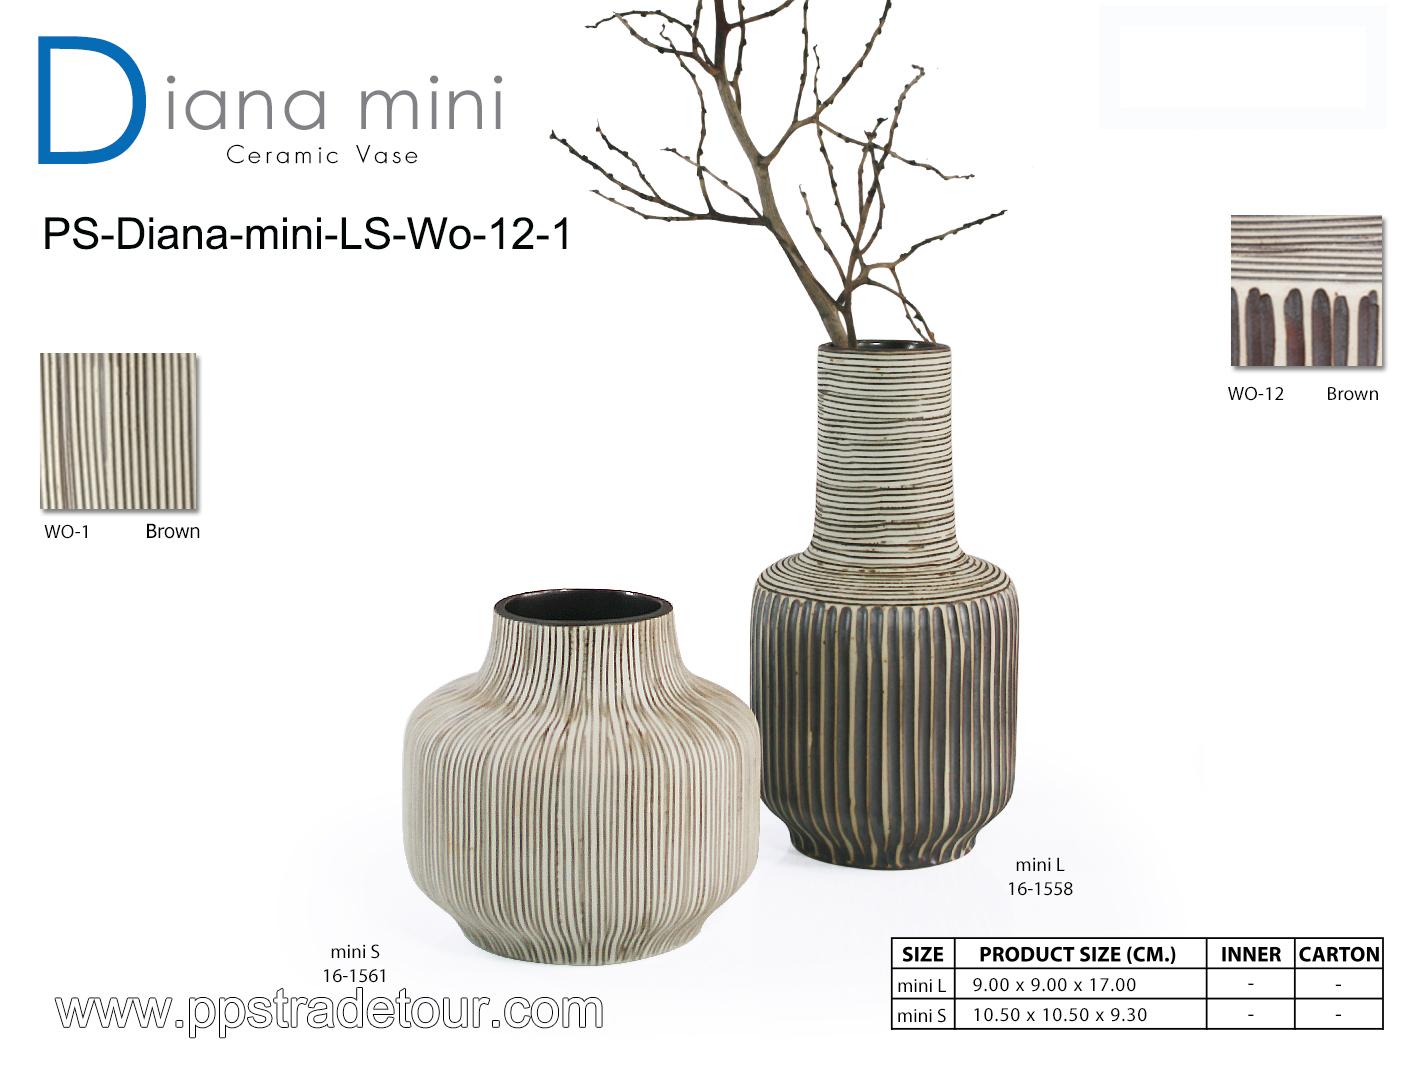 PSCV-Diana-MINI-LS-WO-12-1